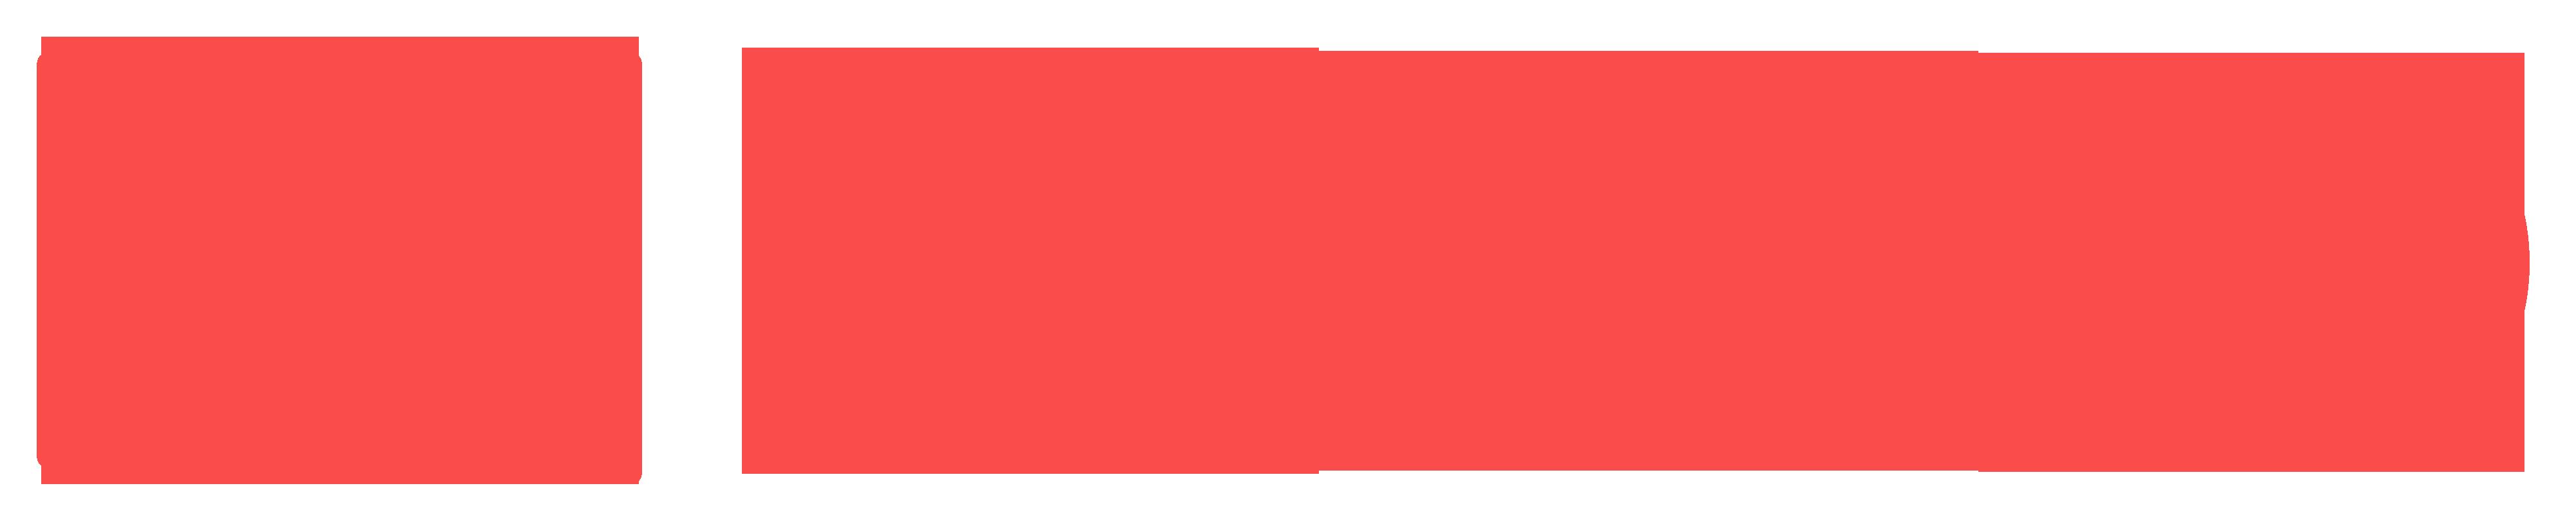 Enjoyed Logo (red)